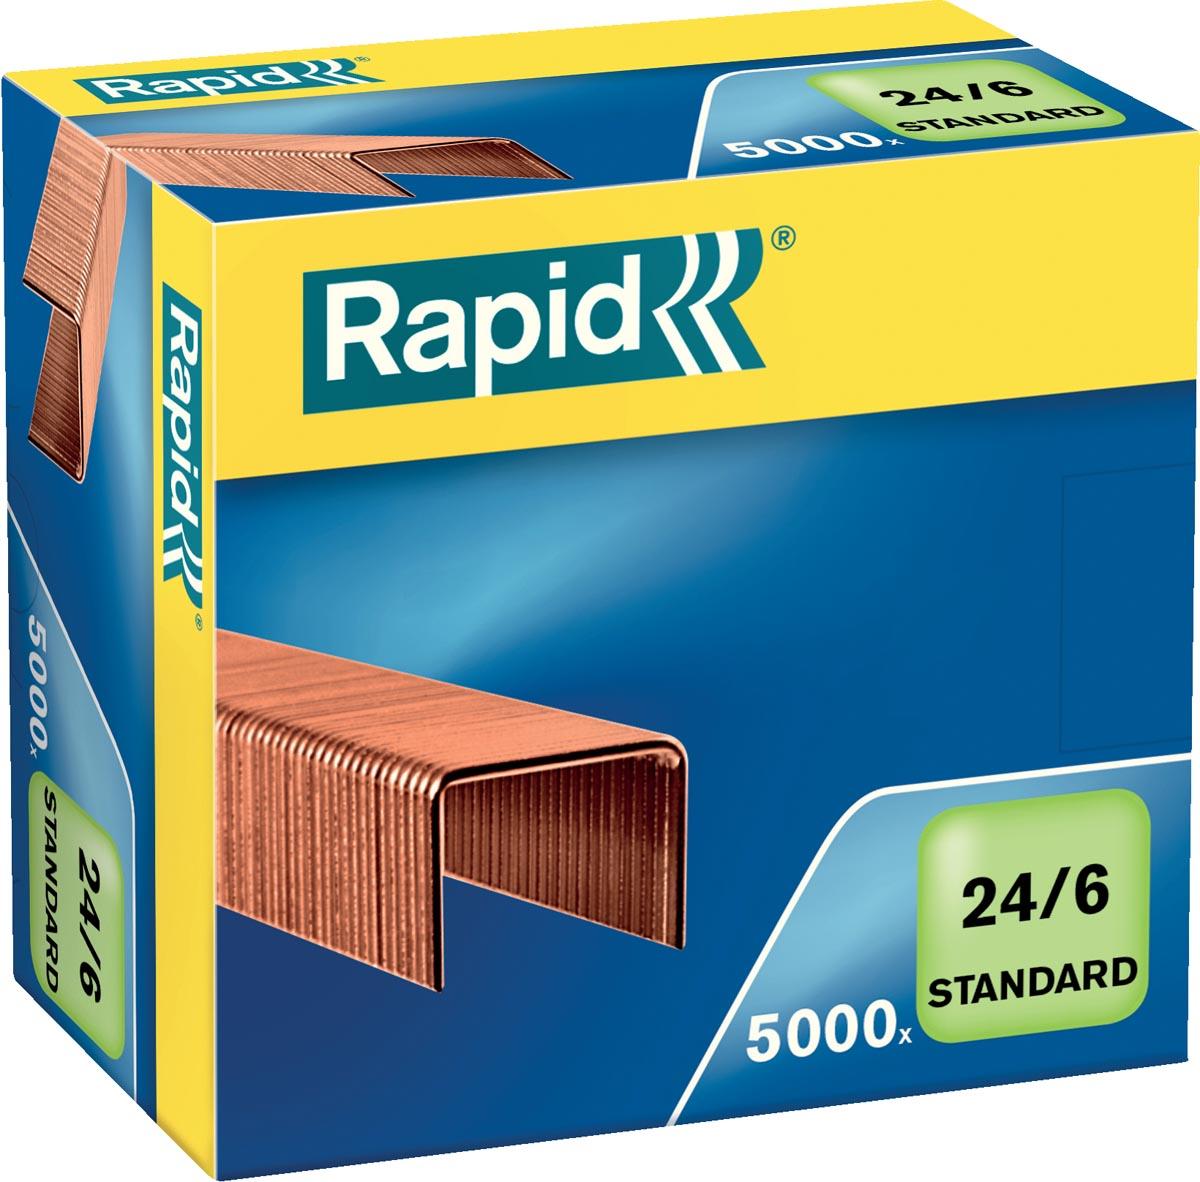 Rapid Nietjes 24/6, koper, doos van 5.000 nietjes